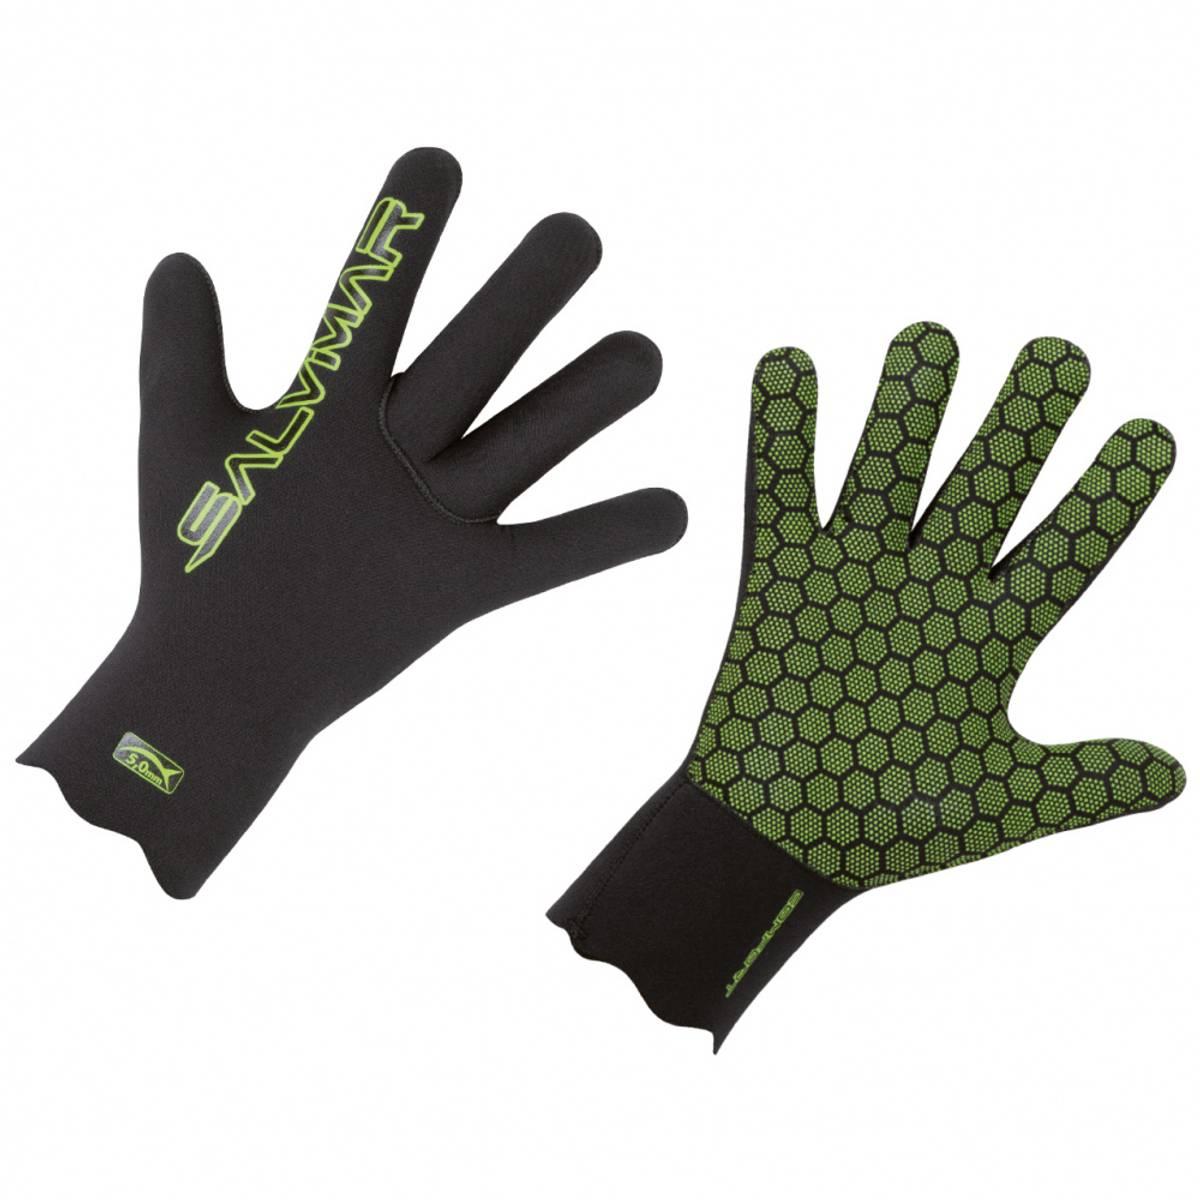 Salvimar Comfort hansker, 5mm